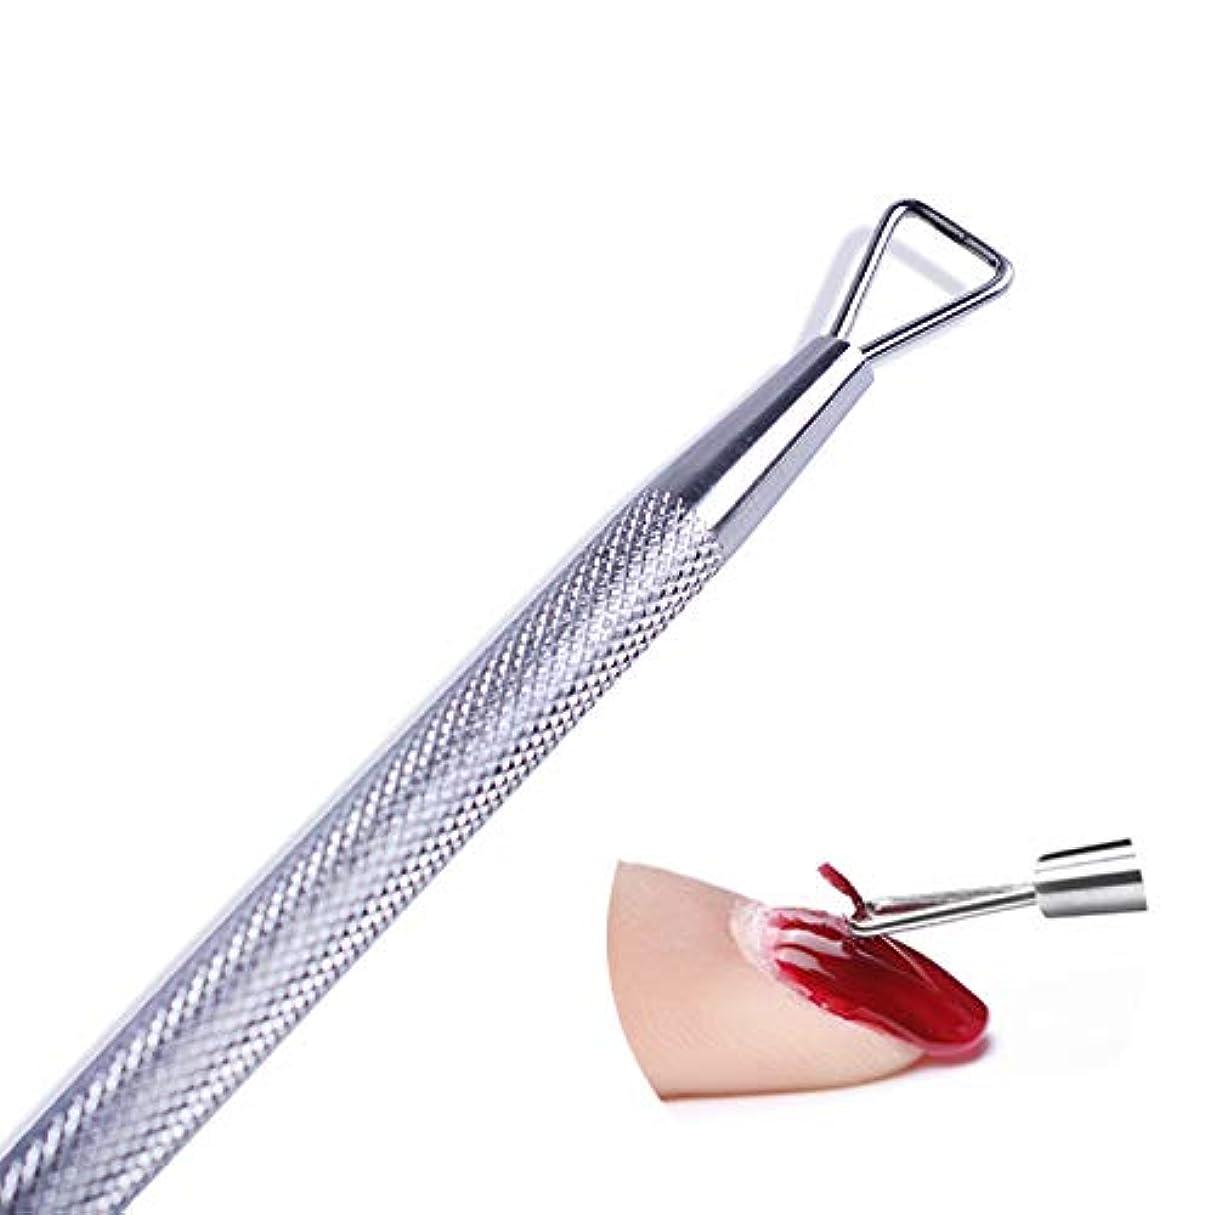 ありそうケント想像する1ピースステンレス鋼ジェルネイルポリッシュリムーバーツール除去スティックペン研削プッシャーマニキュア用uvジェルポリッシュキューティクルSA508